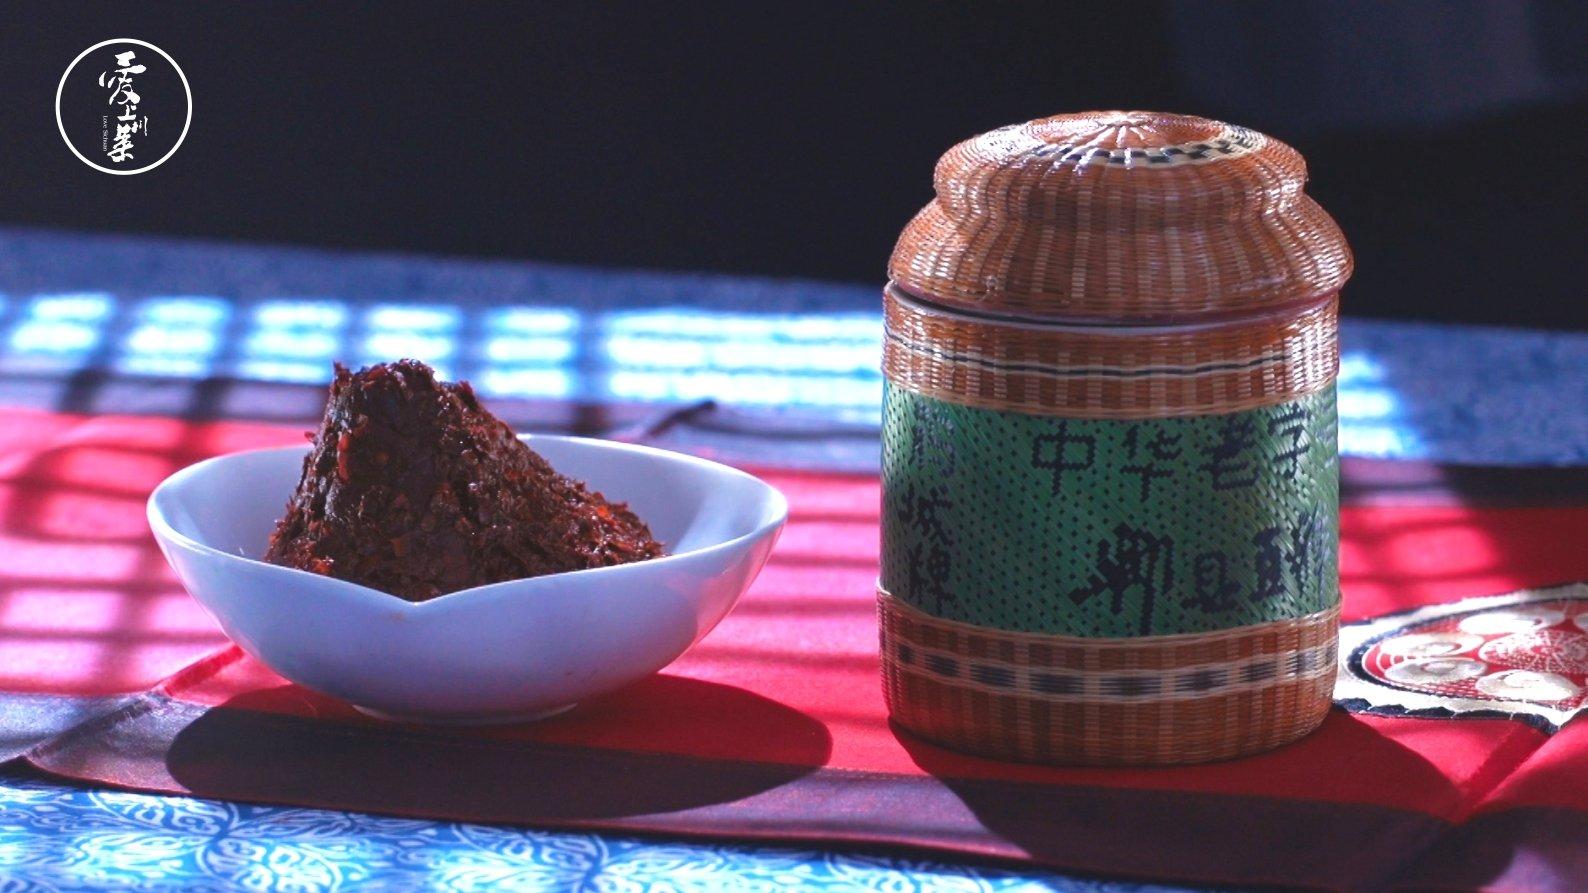 爱上川菜海外篇02:Jason&郫县豆瓣宴